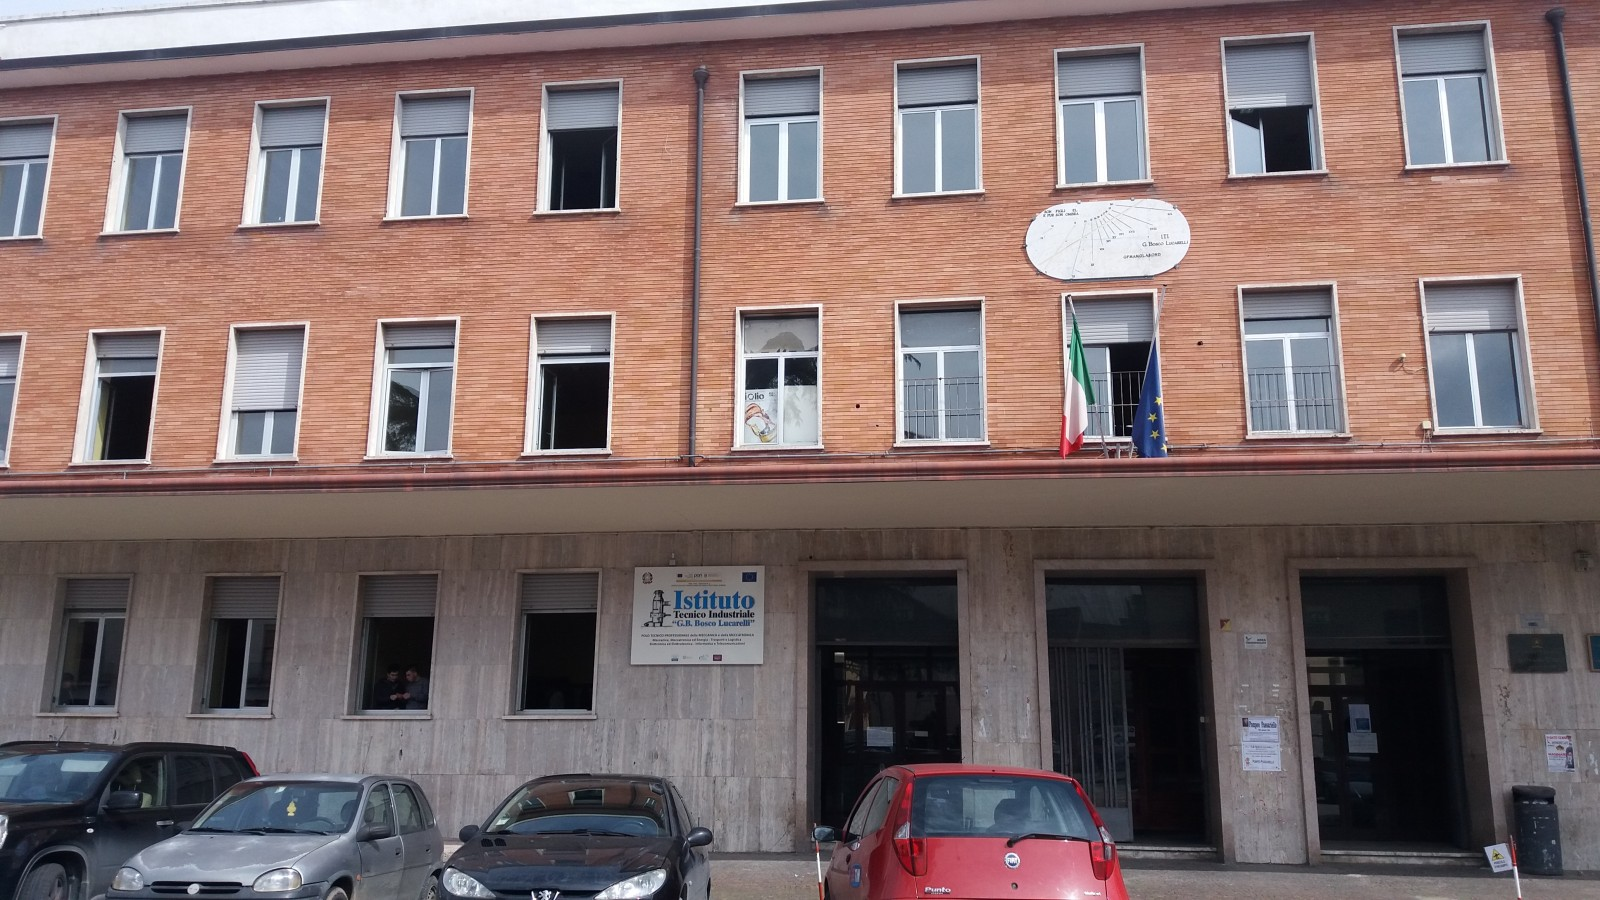 Benevento| Covid-19, un racconto-riflessione di Antonio Tortona studente dell'Istituto Lucarelli